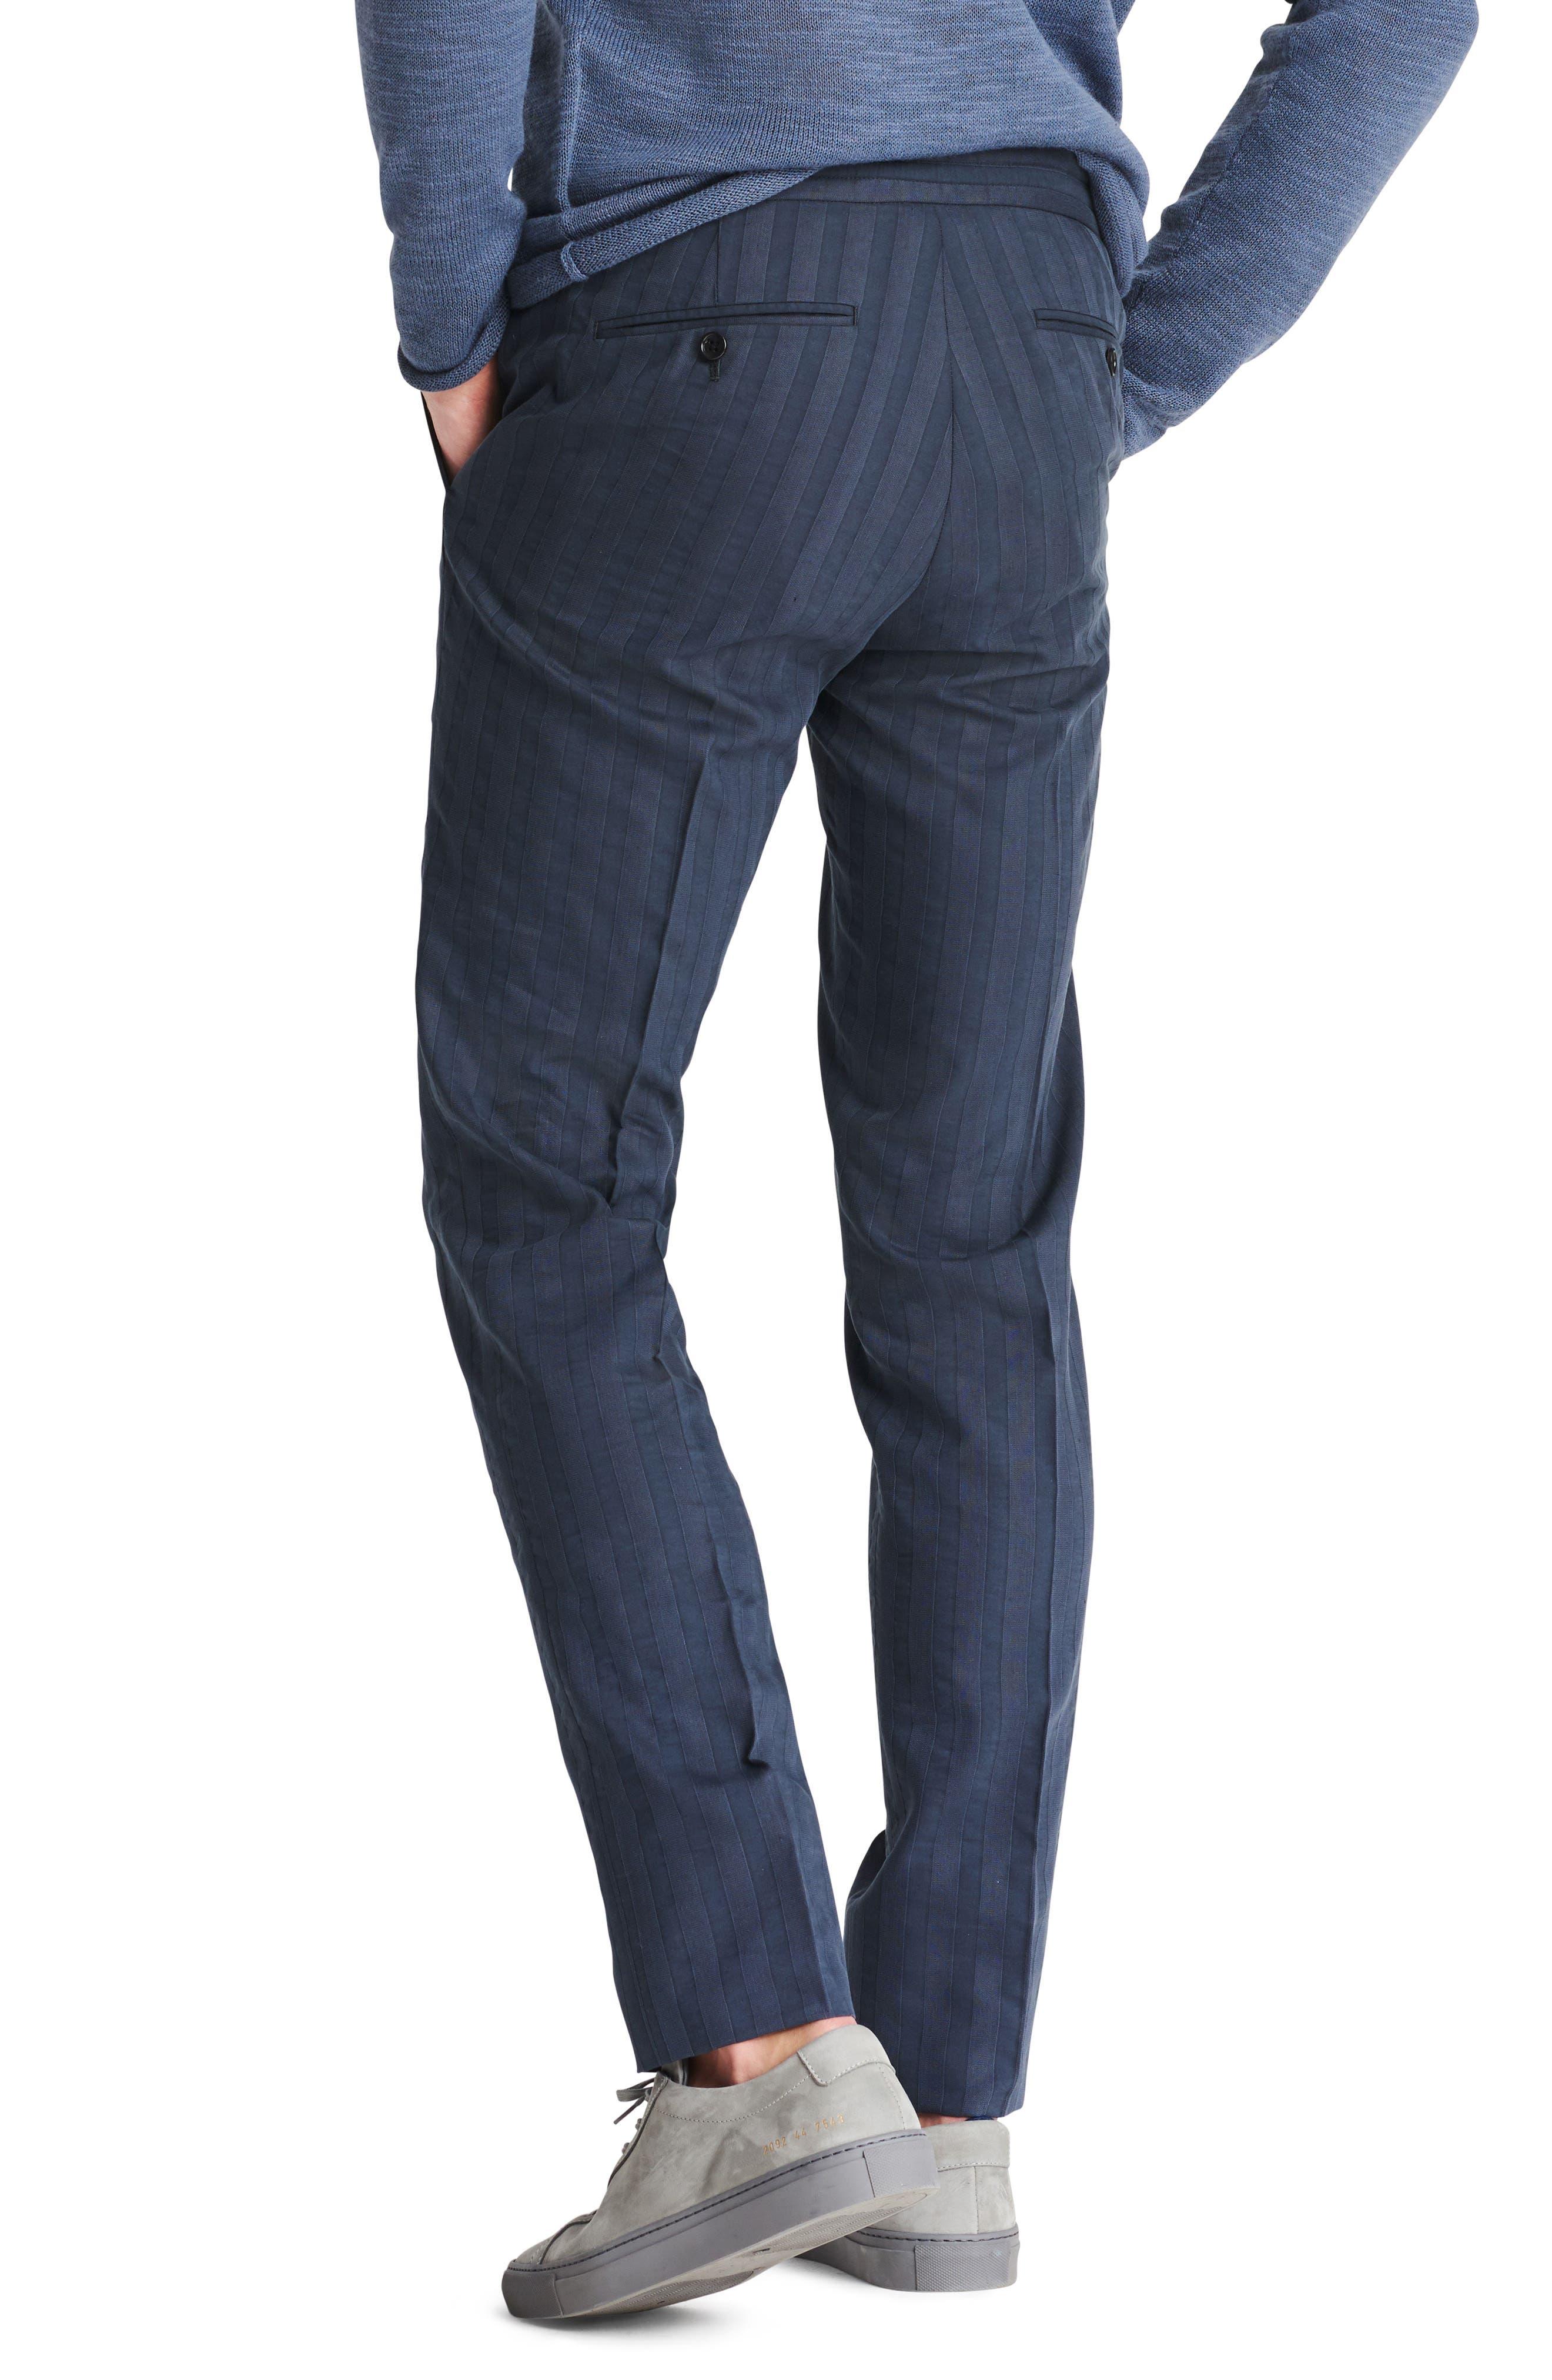 Flat Front Cotton & Linen Blend Trousers,                             Alternate thumbnail 2, color,                             004